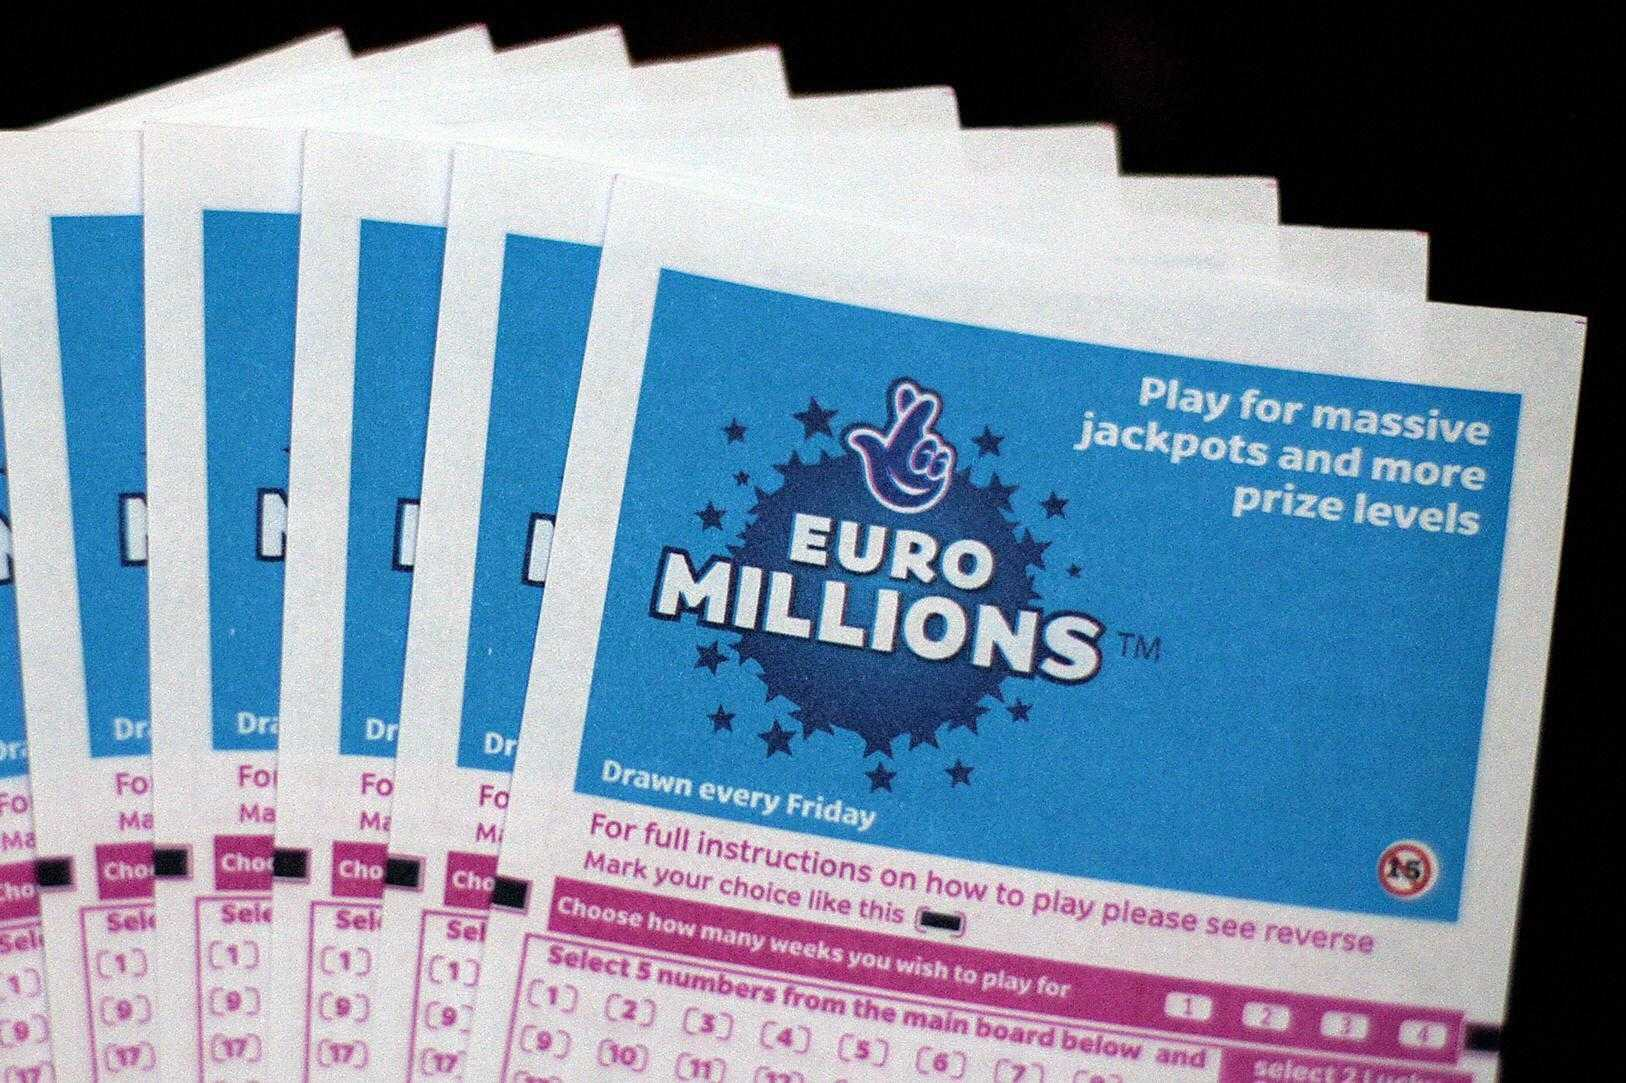 EuroMillions lotteri - hvordan spille fra Russland: forskrift, kjøpe en billett og motta en premie